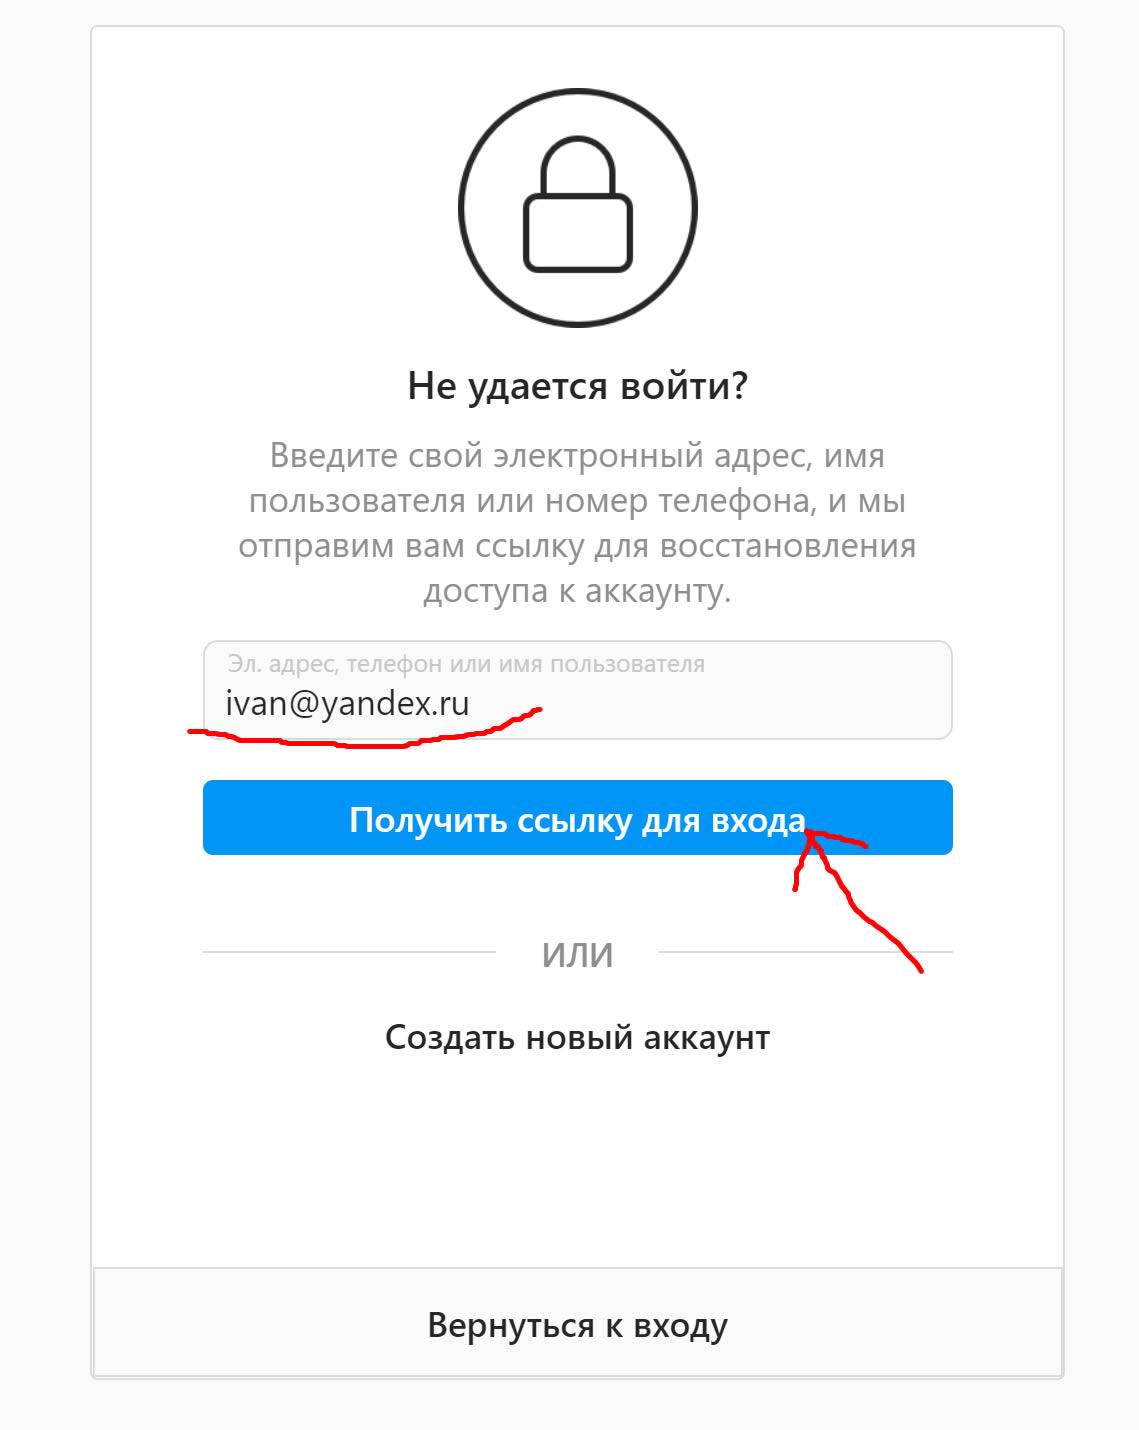 восстановление страницы с помощью привязанного номера телефона или почты